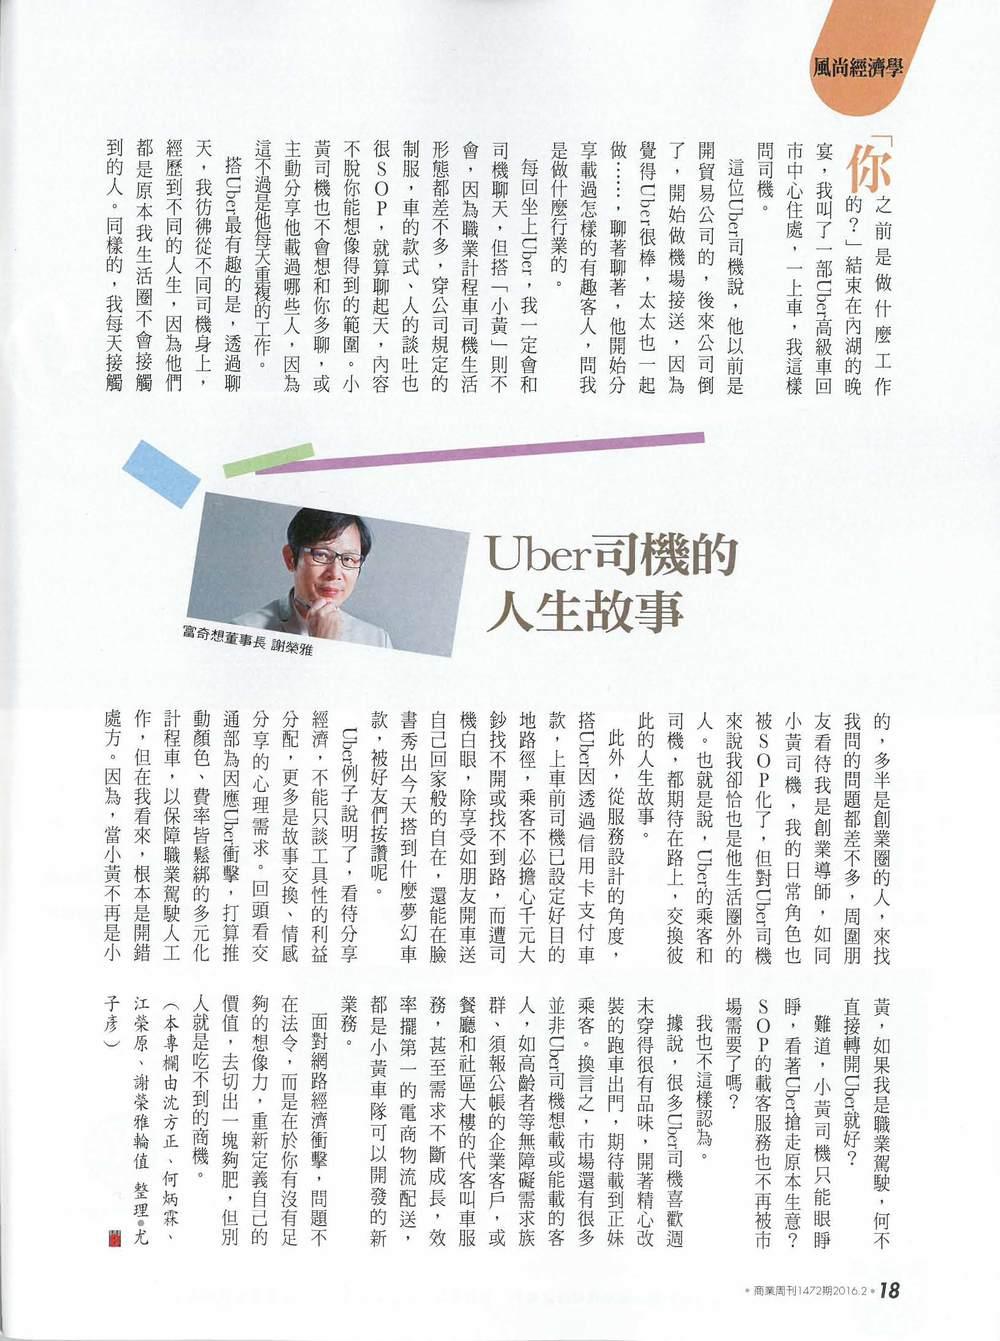 2016年02月01日_Uber司機的人生故事_商業週刊_頁面_1.jpg